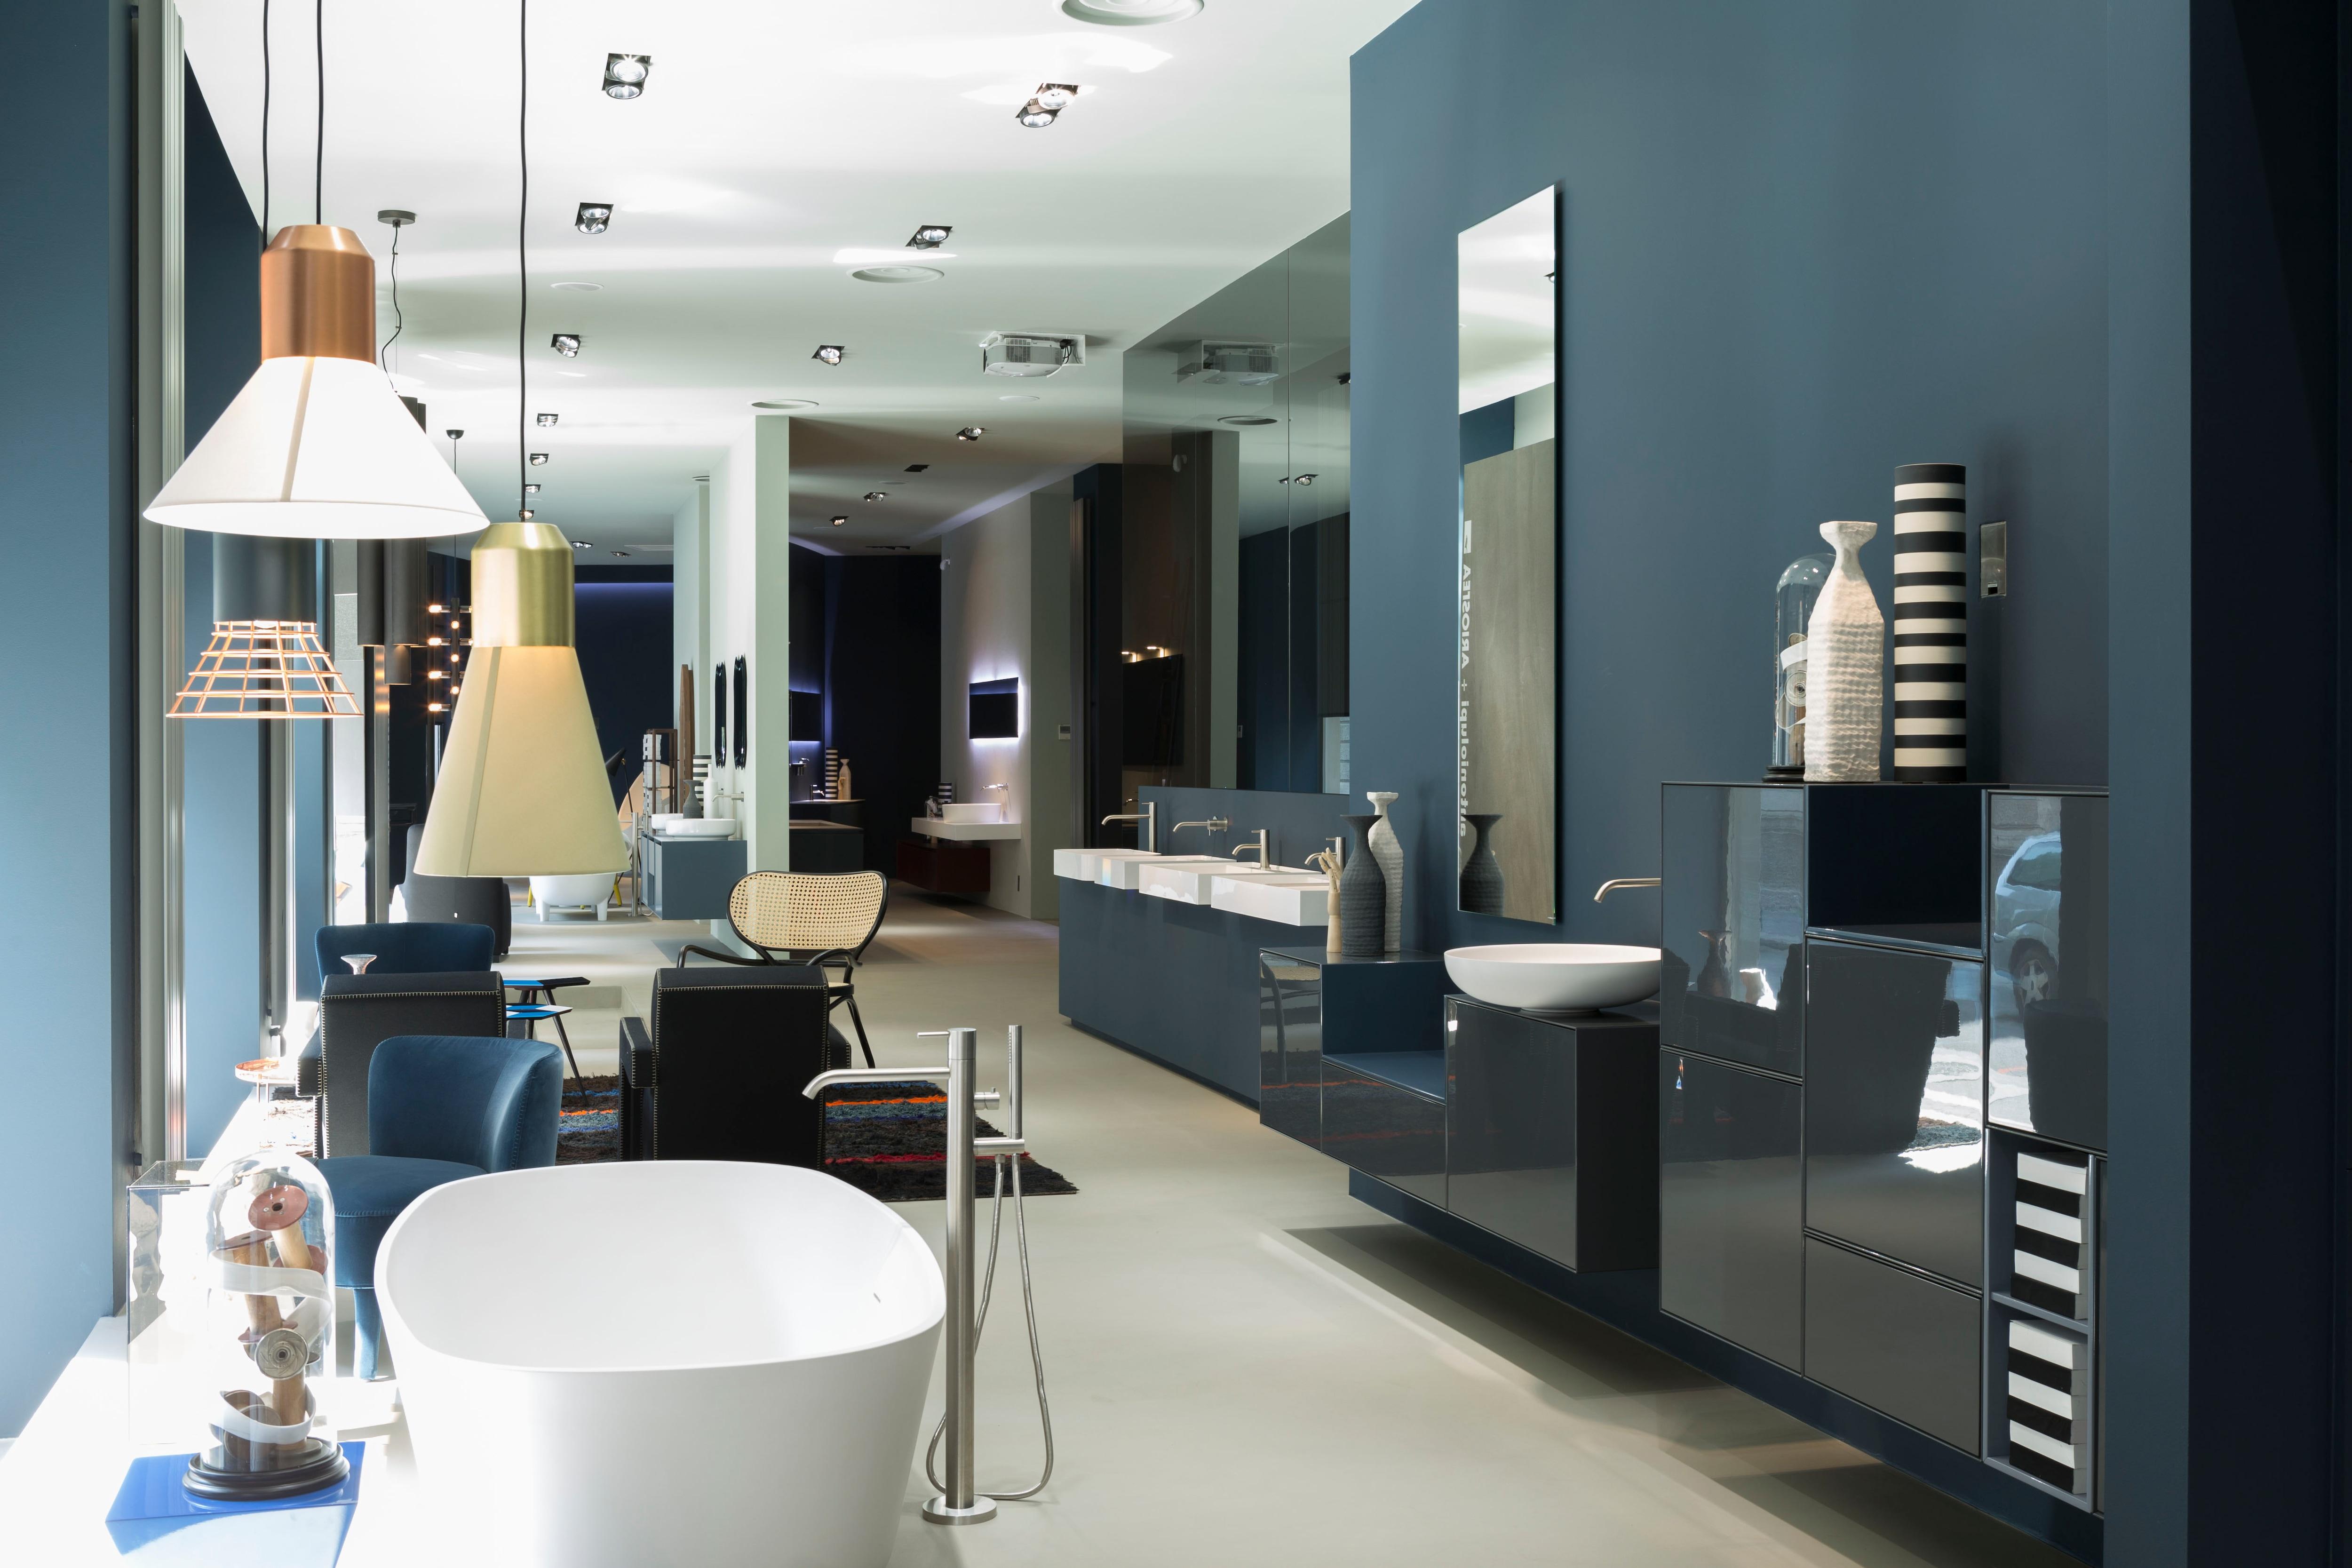 Showroom arredamento milano chimento design arredo bagno for Showroom arredamento